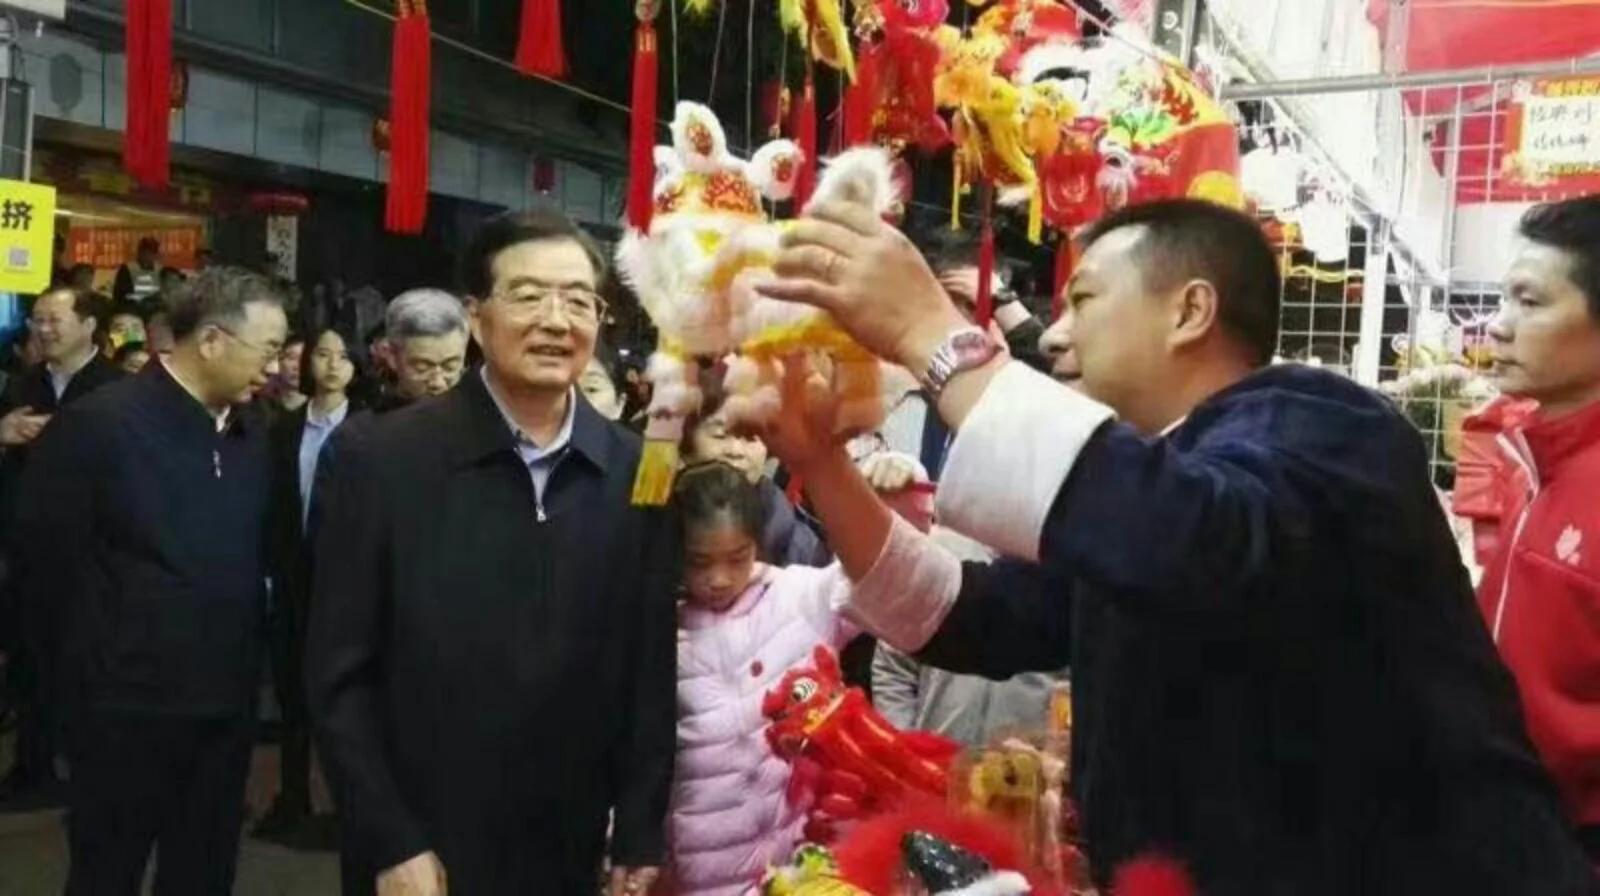 1月26日,年二十九,胡锦涛亮相广州花市,胡春华陪同